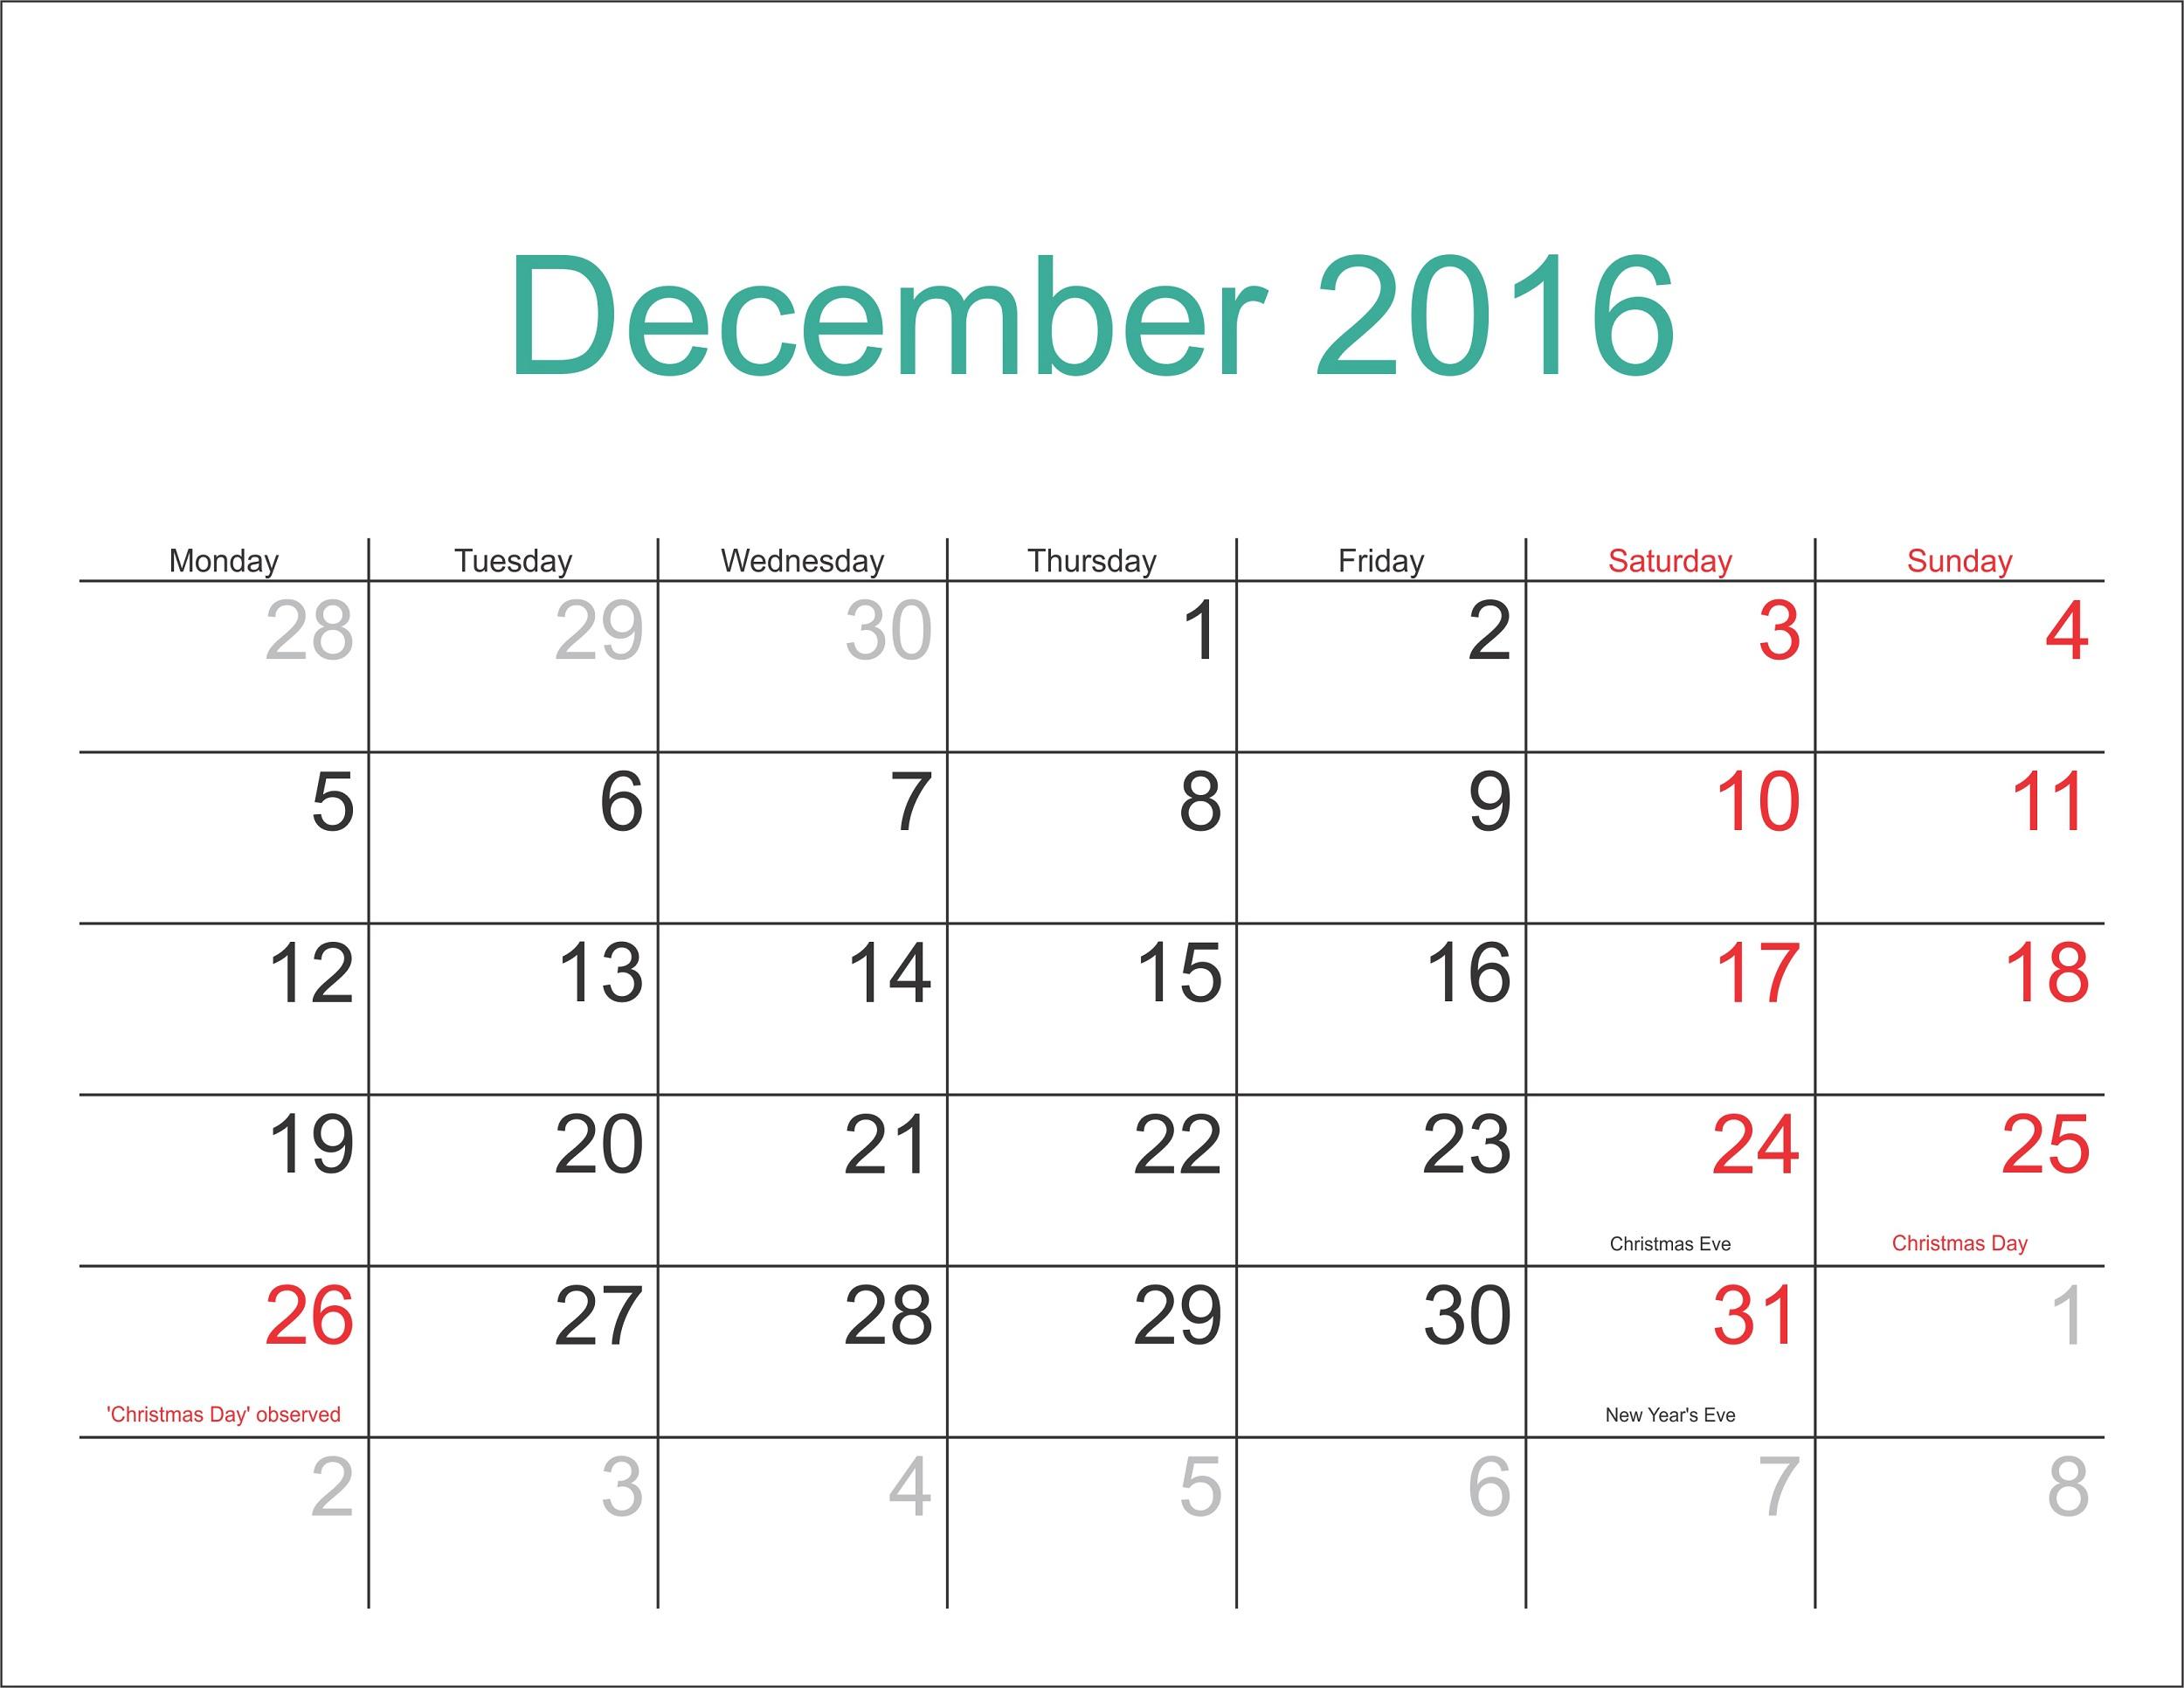 december-2016-calendar-flat